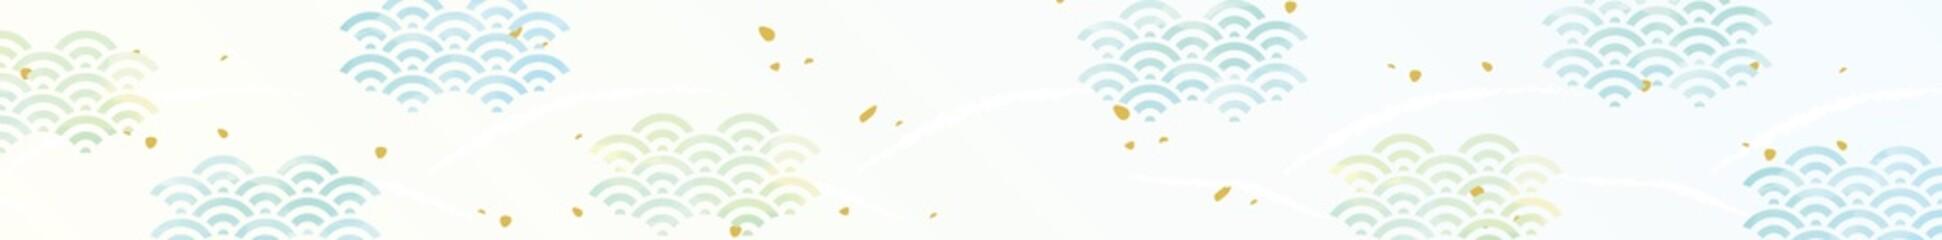 青海波 和紙風 水彩風タッチ背景